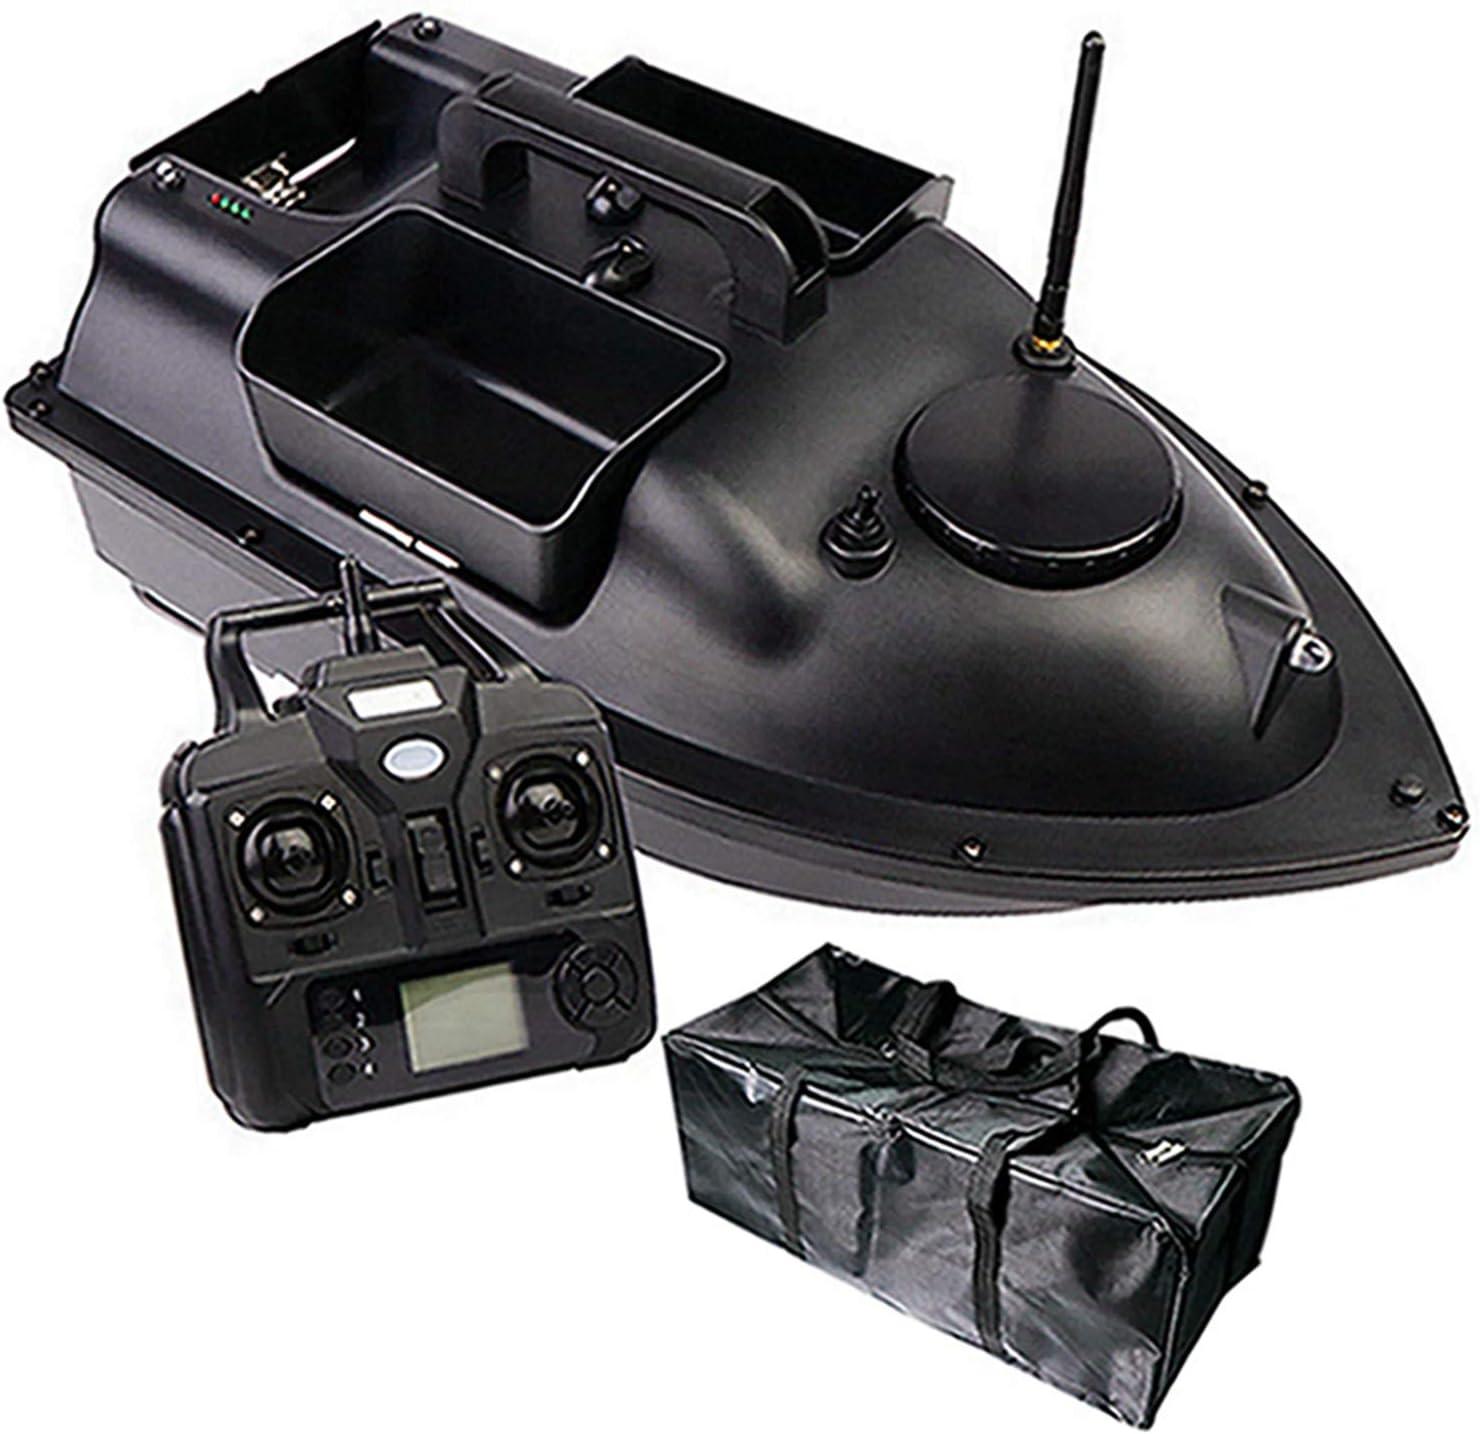 DINGYU RC Pesca Bait Boat GPS Posicionamiento Automático Devolución Dual-Motor Control Remoto De 500 Metros Pesca Barco De Control Remoto,12000Mah